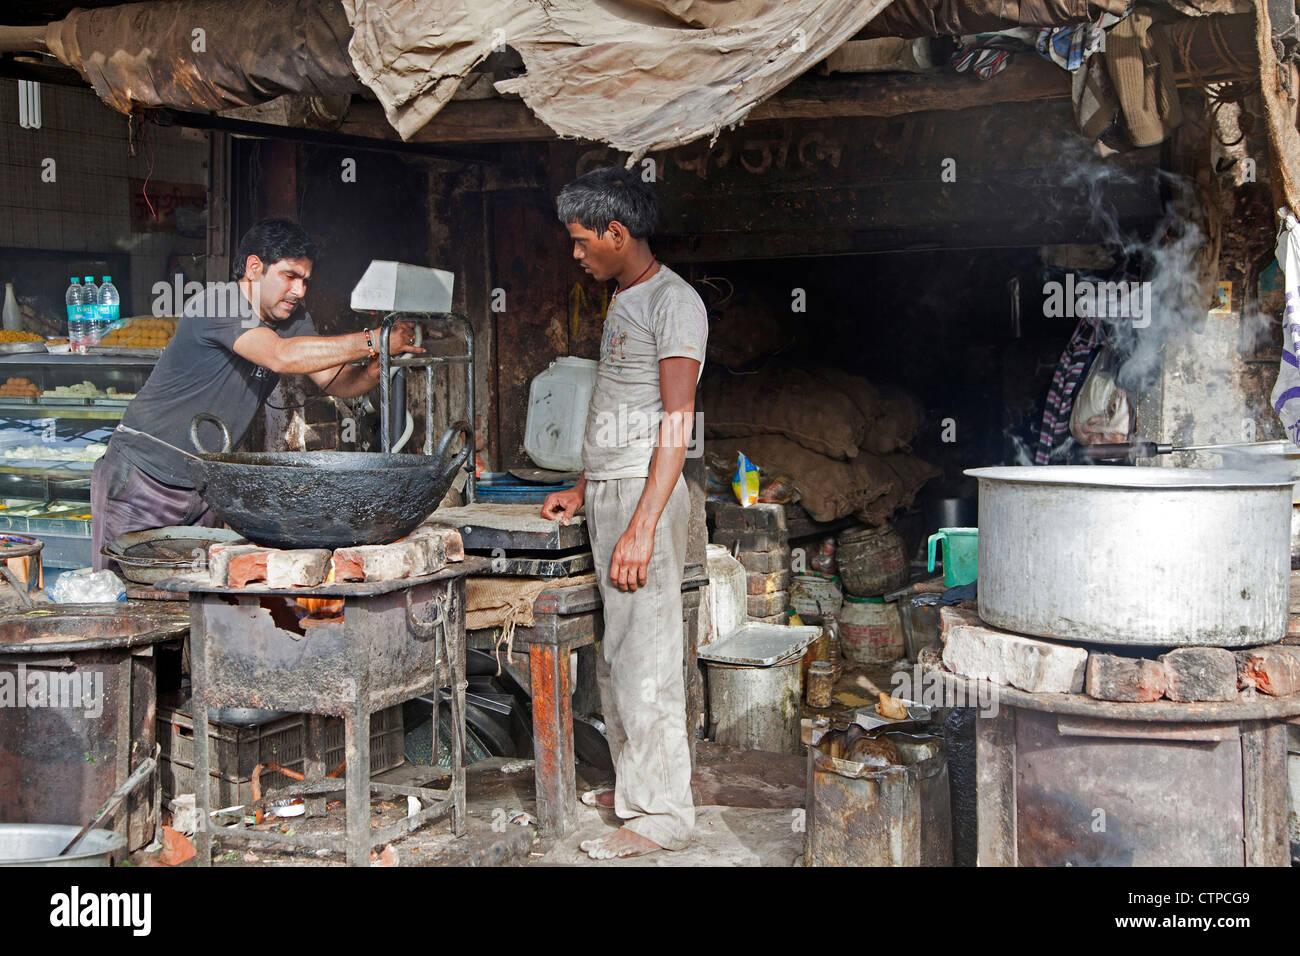 Männer Kochen In Schmutzigen Unhygienischen Primitive Küche In Mathura,  Uttar Pradesh, Indien